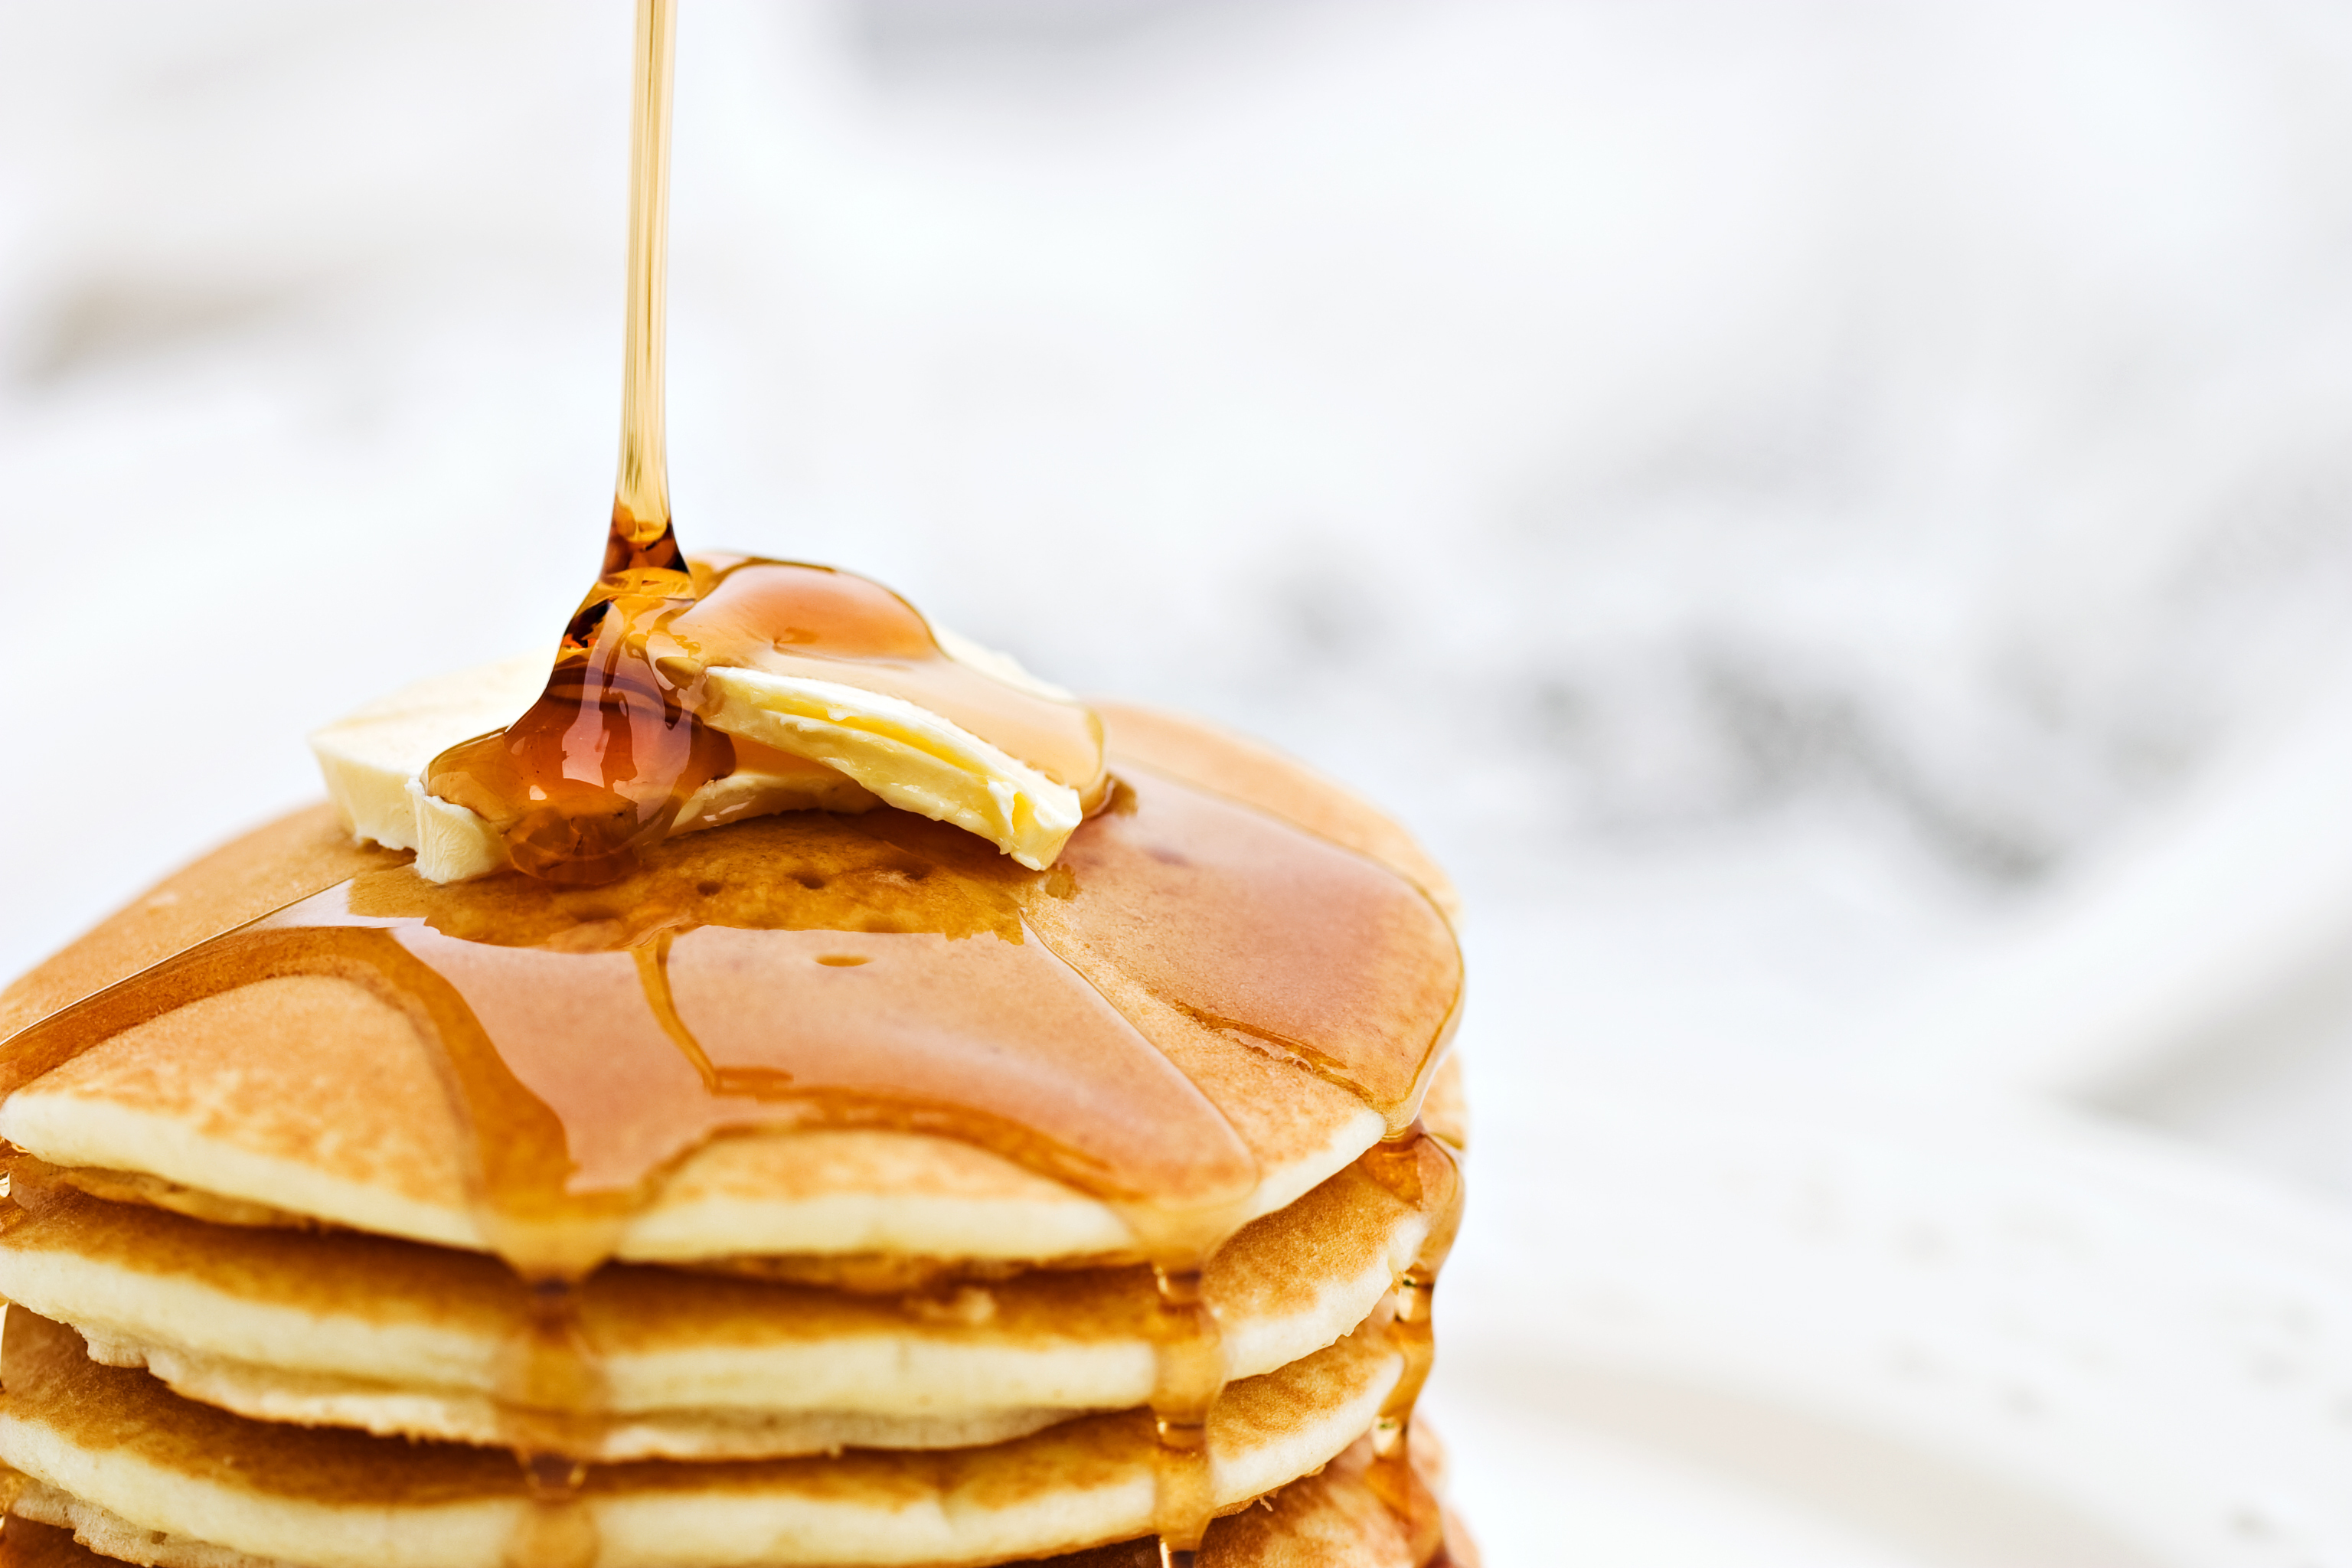 еда мед  № 136117 бесплатно